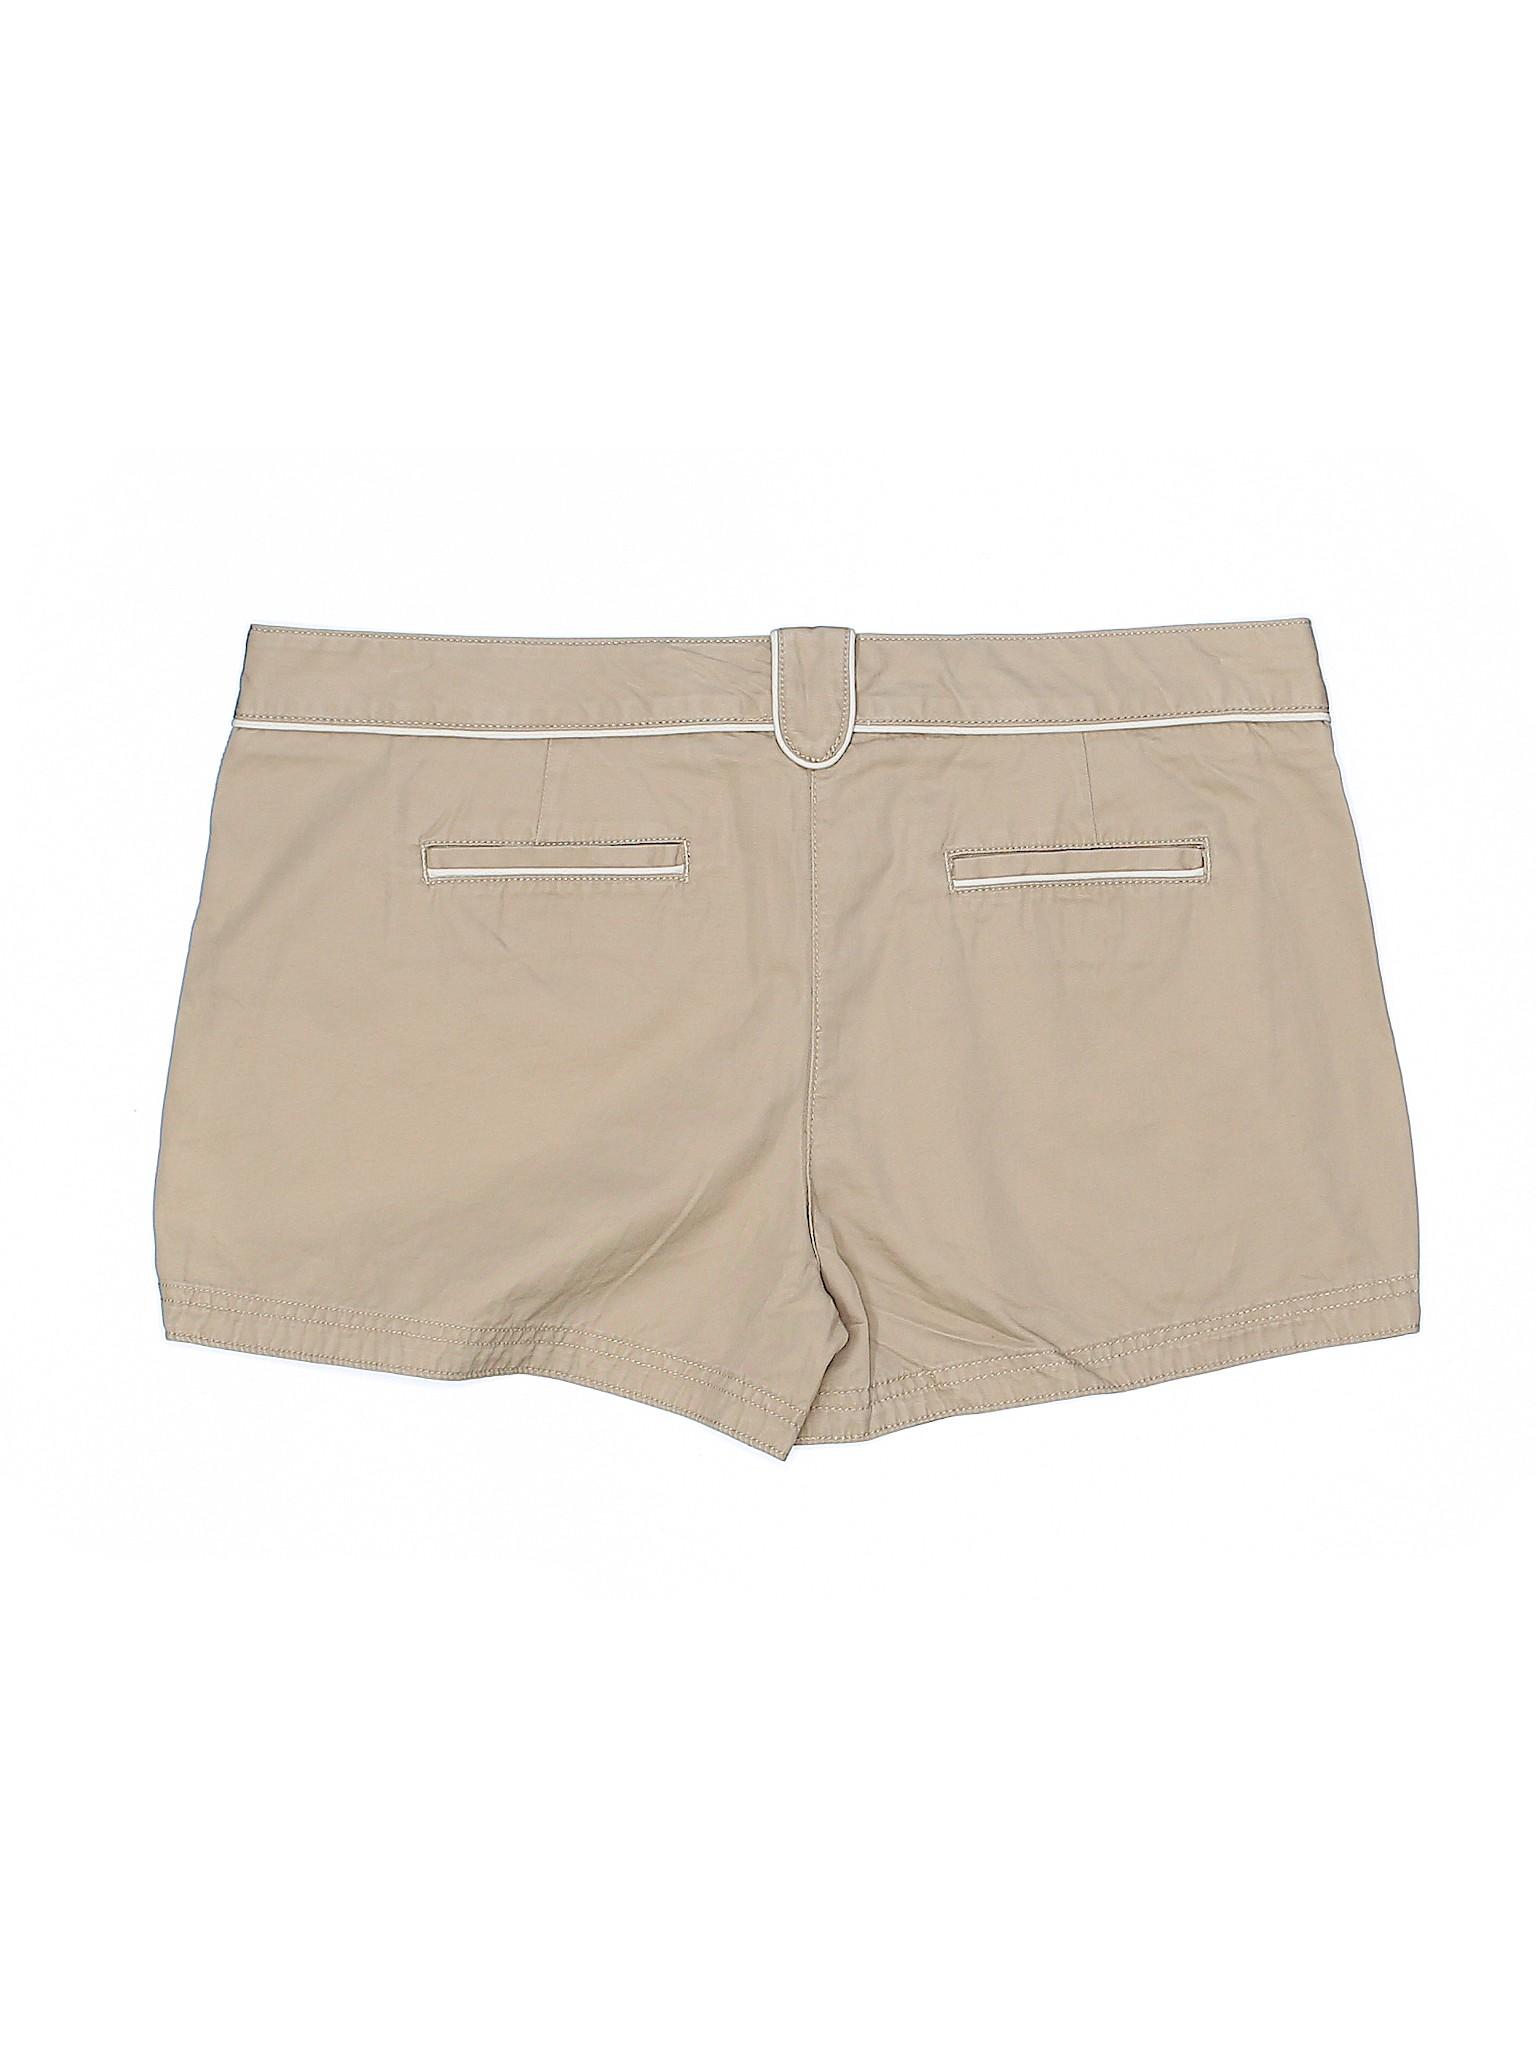 Lands' Khaki Canvas End Boutique Shorts X6Hq1Hx